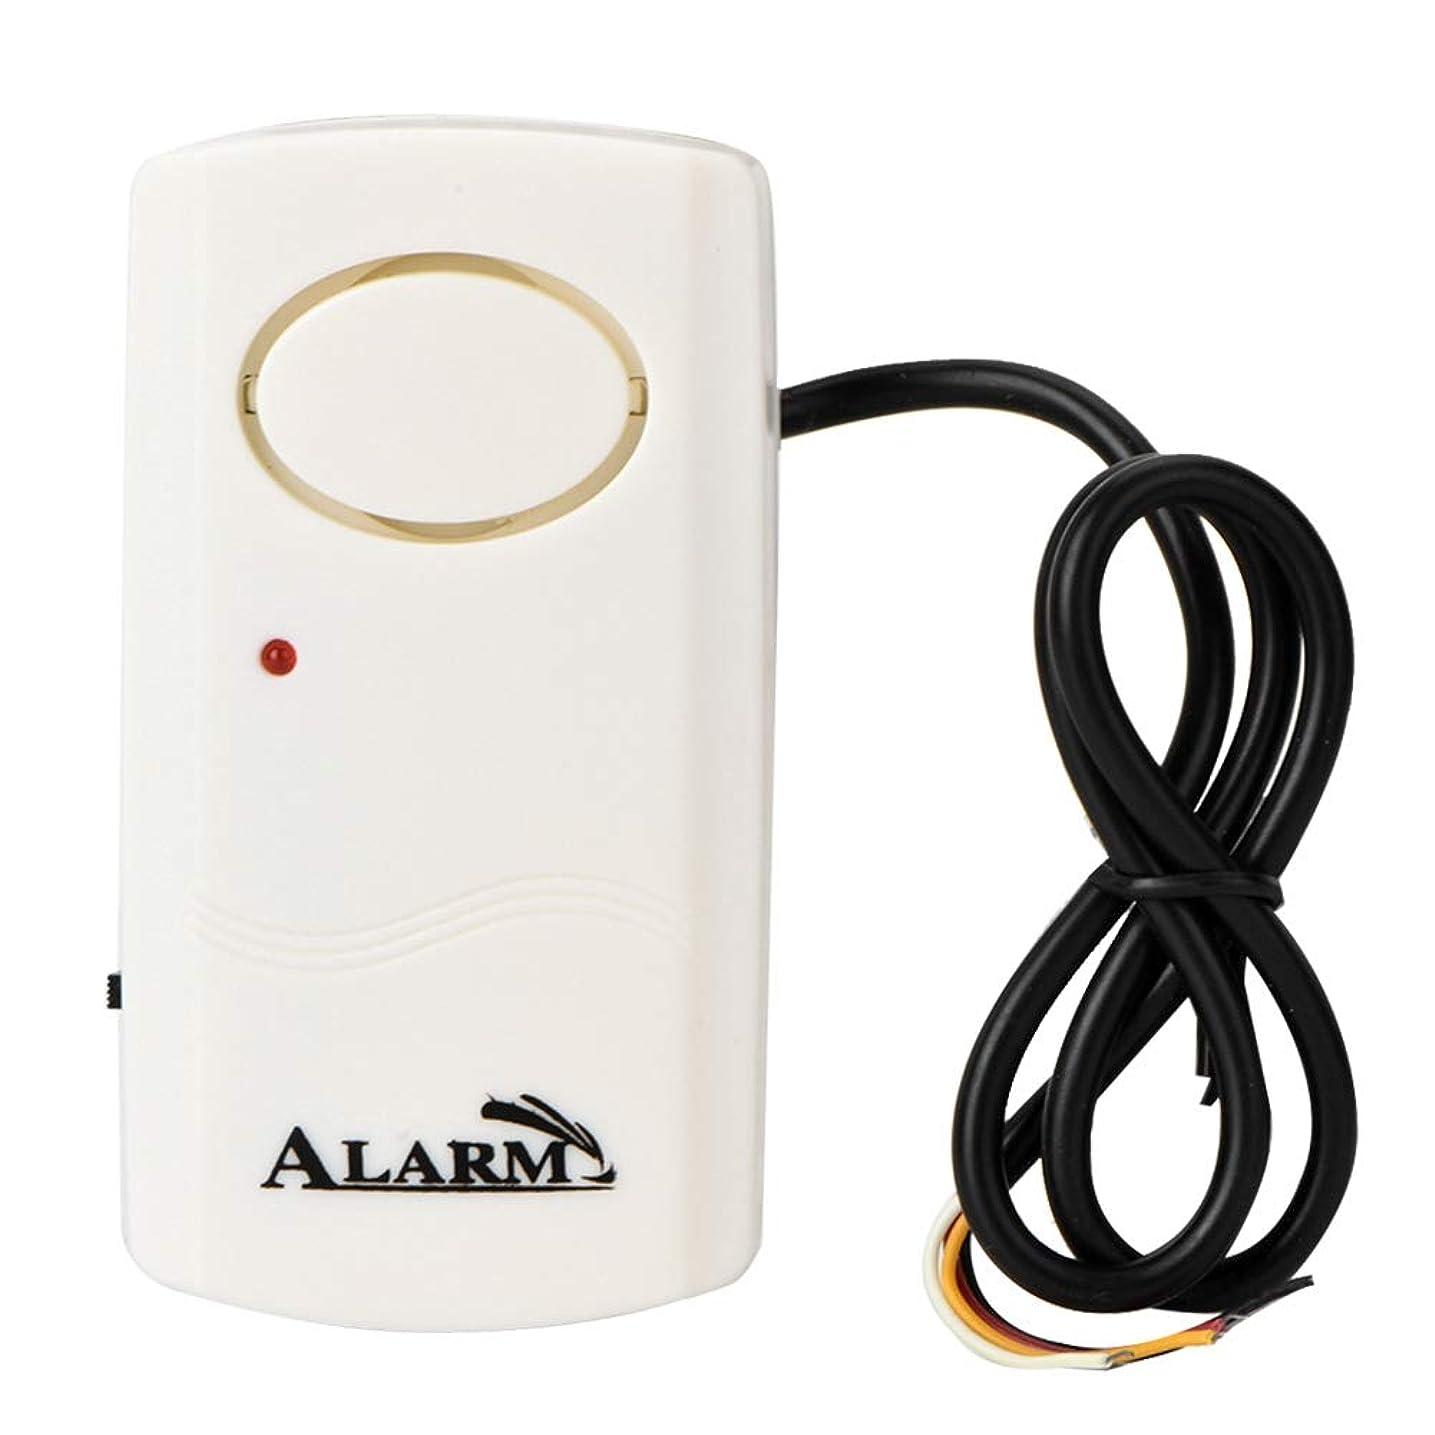 立場寛大なかんたん停電アラーム、3相4線120db停電停電検出器停止アラーム警告サイレン